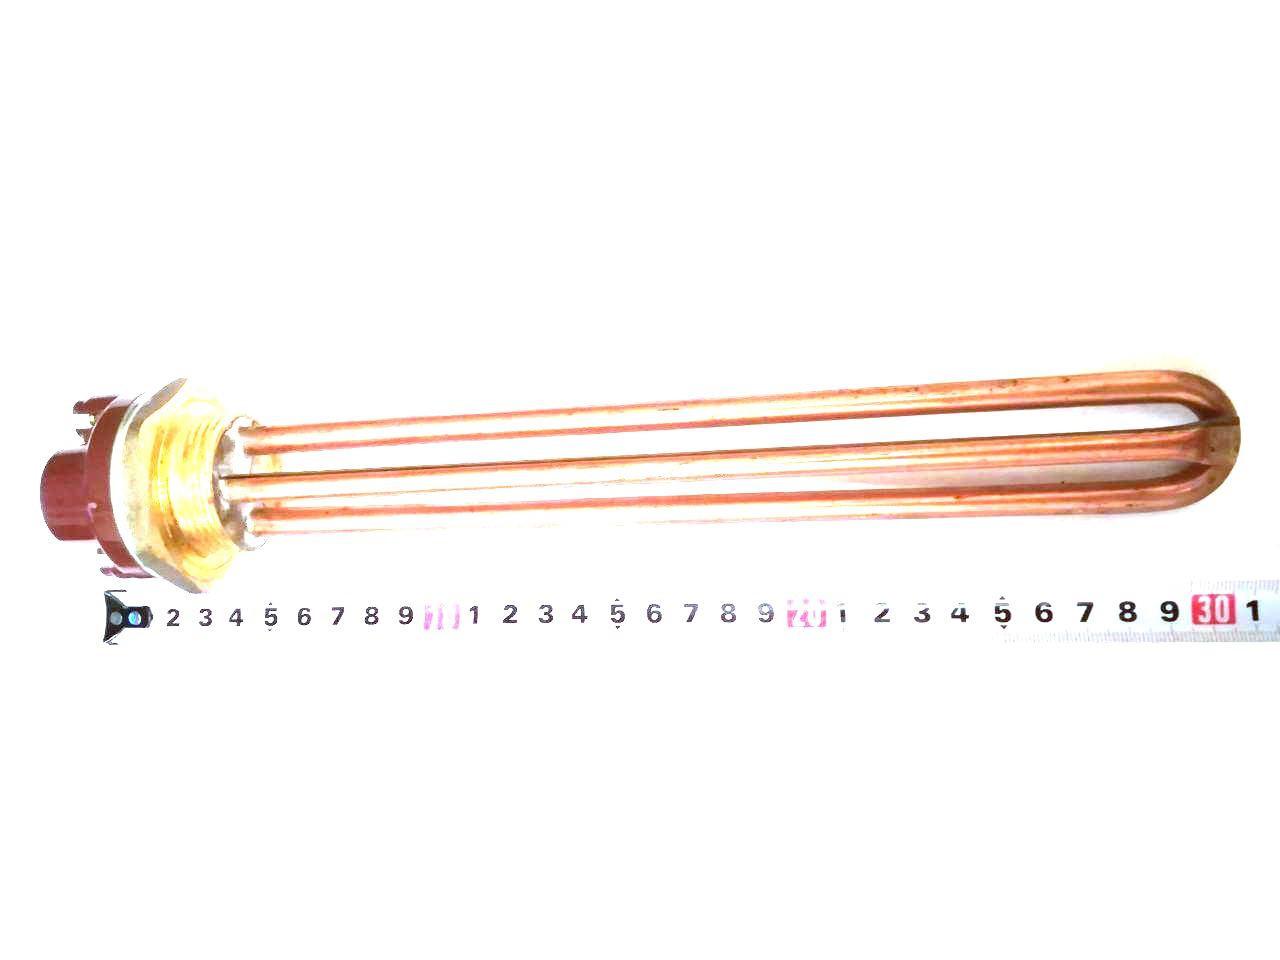 Тэн прямой резьбовой для водонагревателей 2000W  / L=265мм